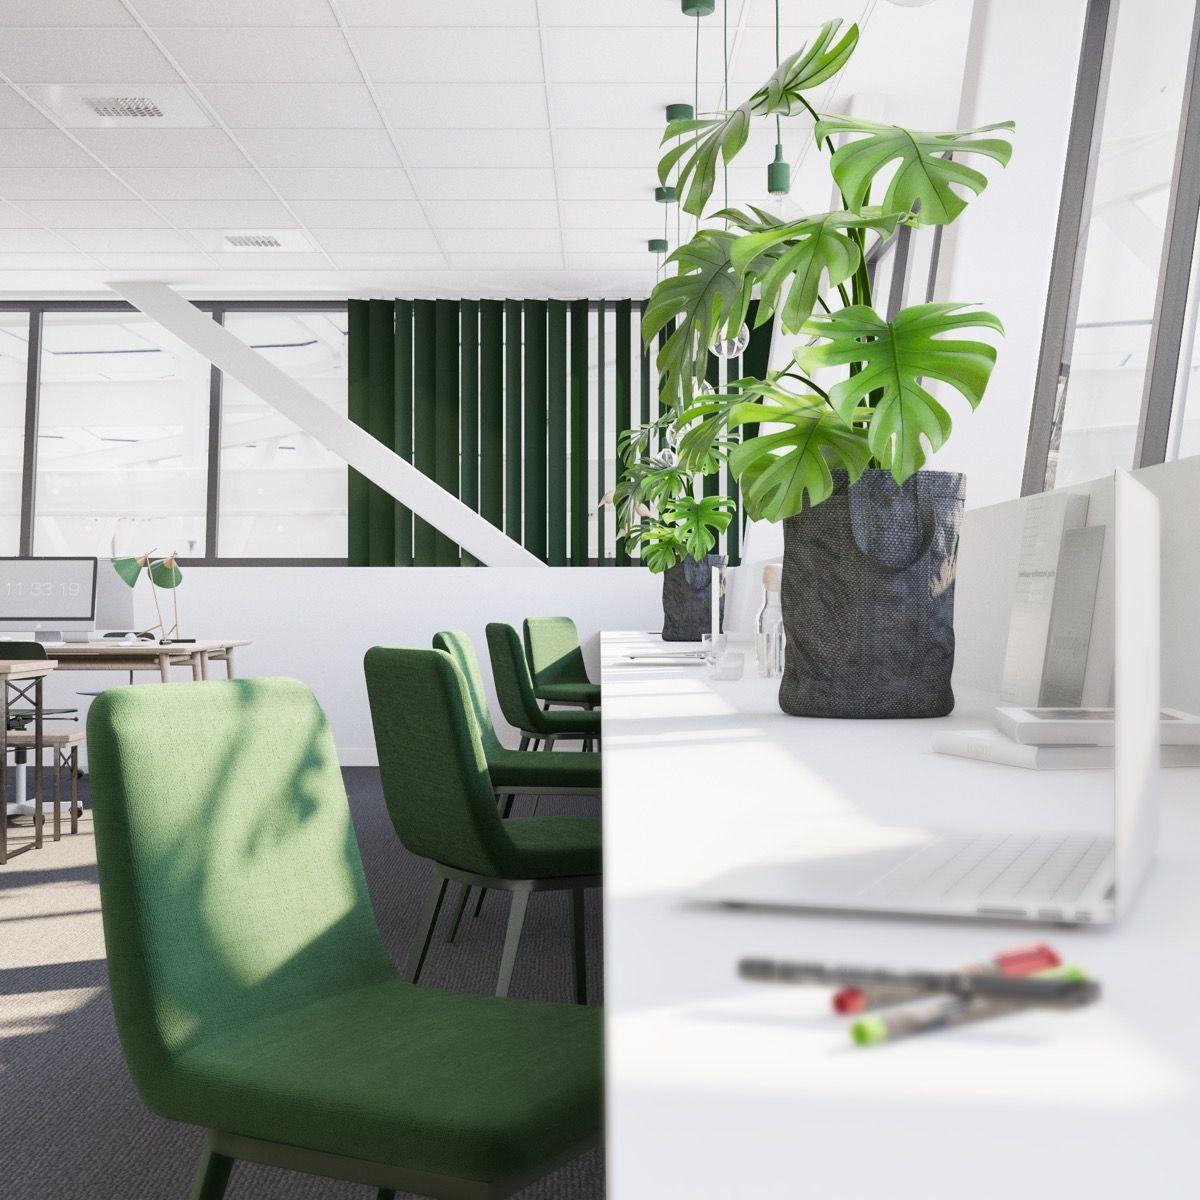 Office / Conference room, Detial Stockholm Interior design, Scandinavian design, 3D visualisation, render, archviz, 3Ds Max, modern design, styling